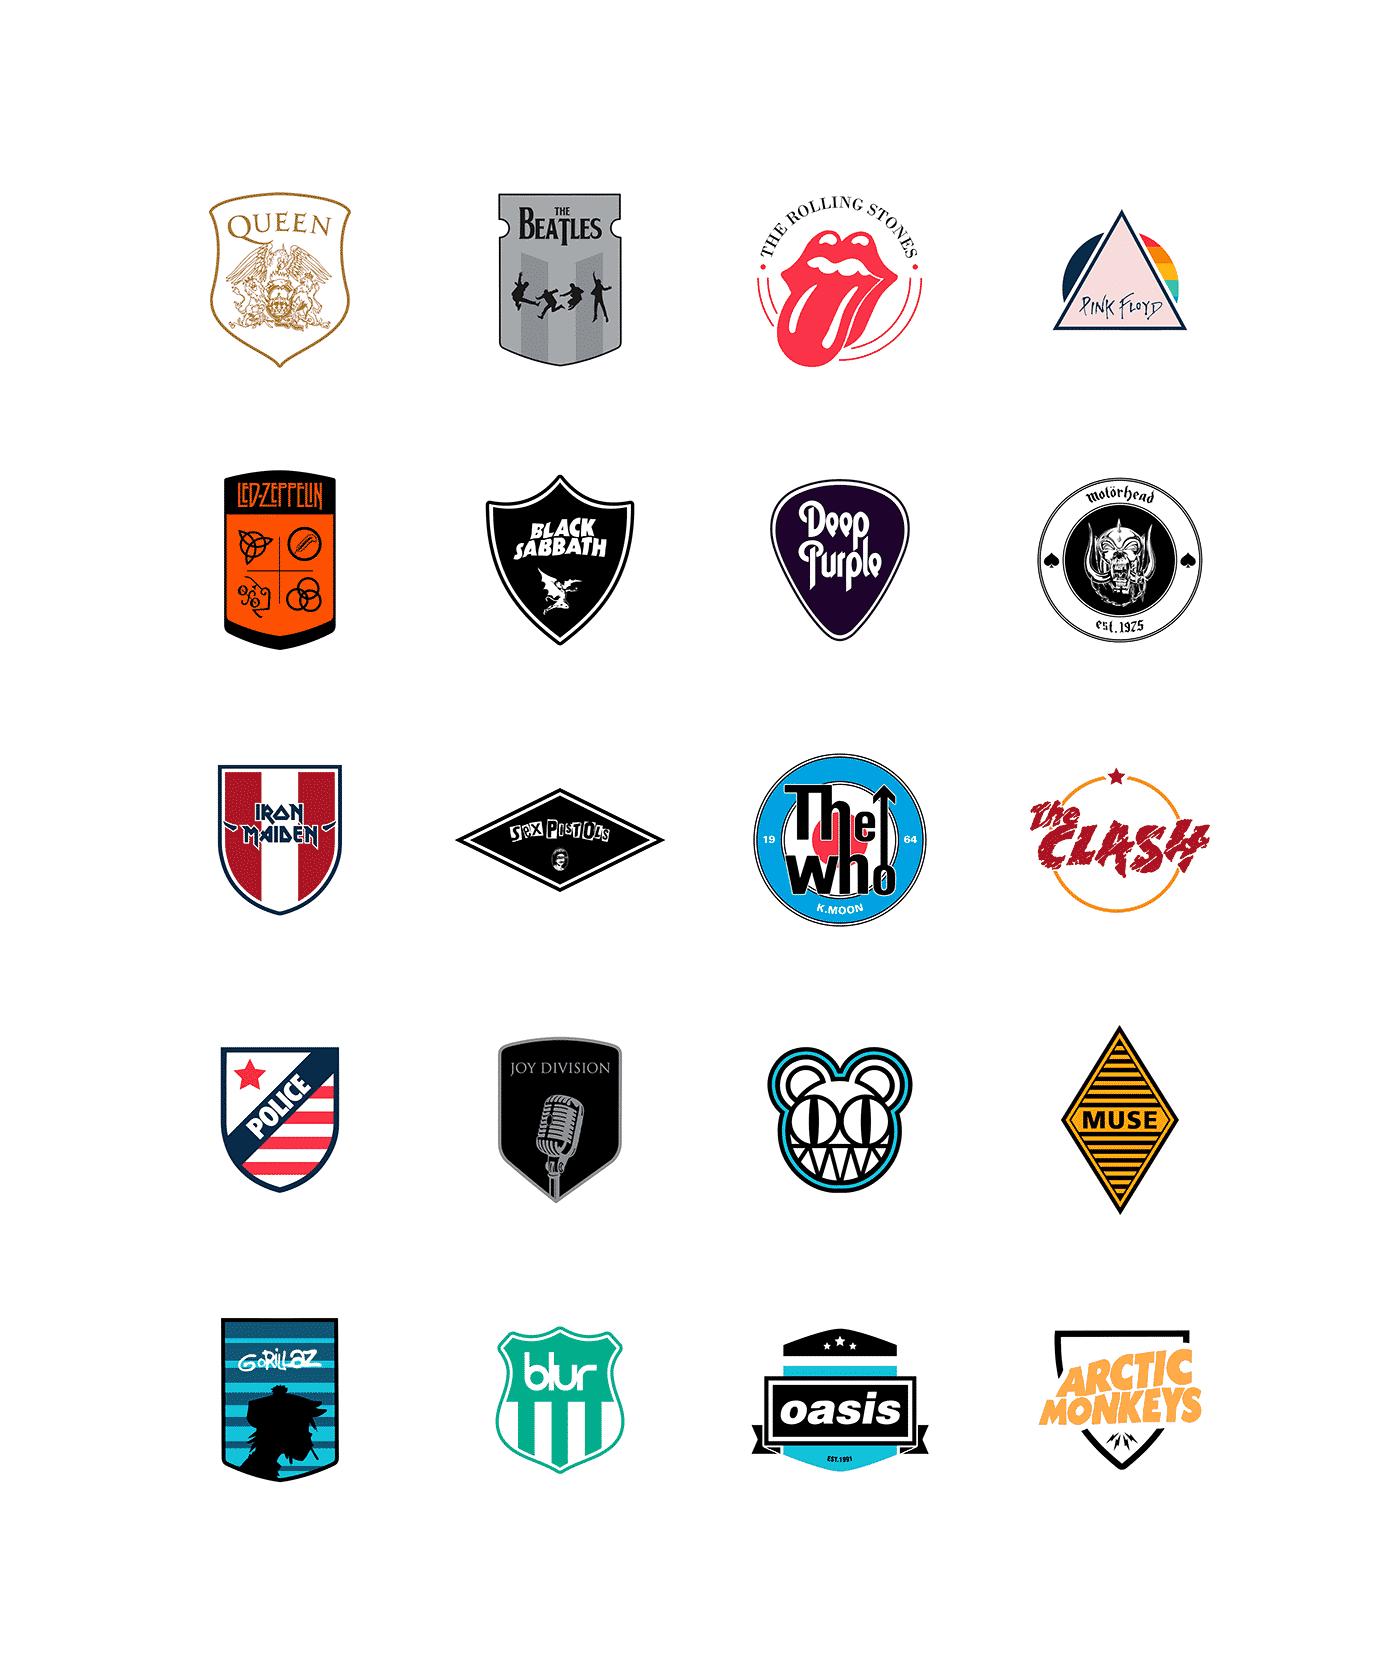 Premier-League-2018-Rock-Edition-Matheus-de-Souza-Viana-img7